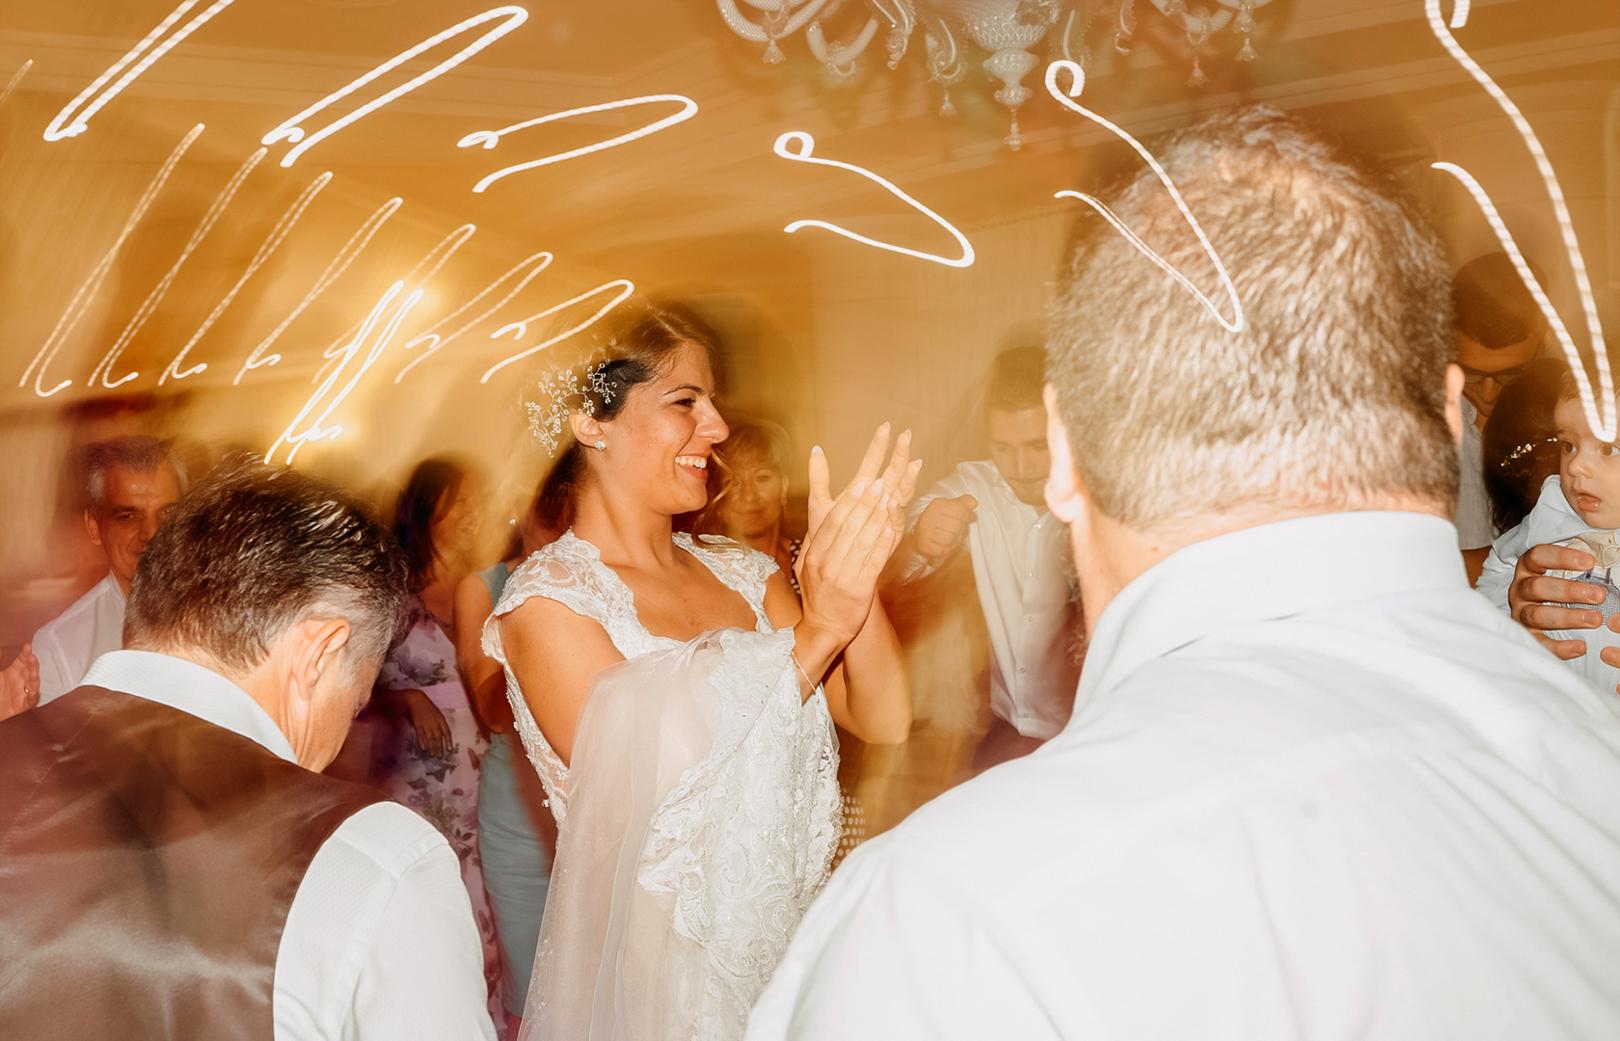 44 gianni-lepore-balli-wedding